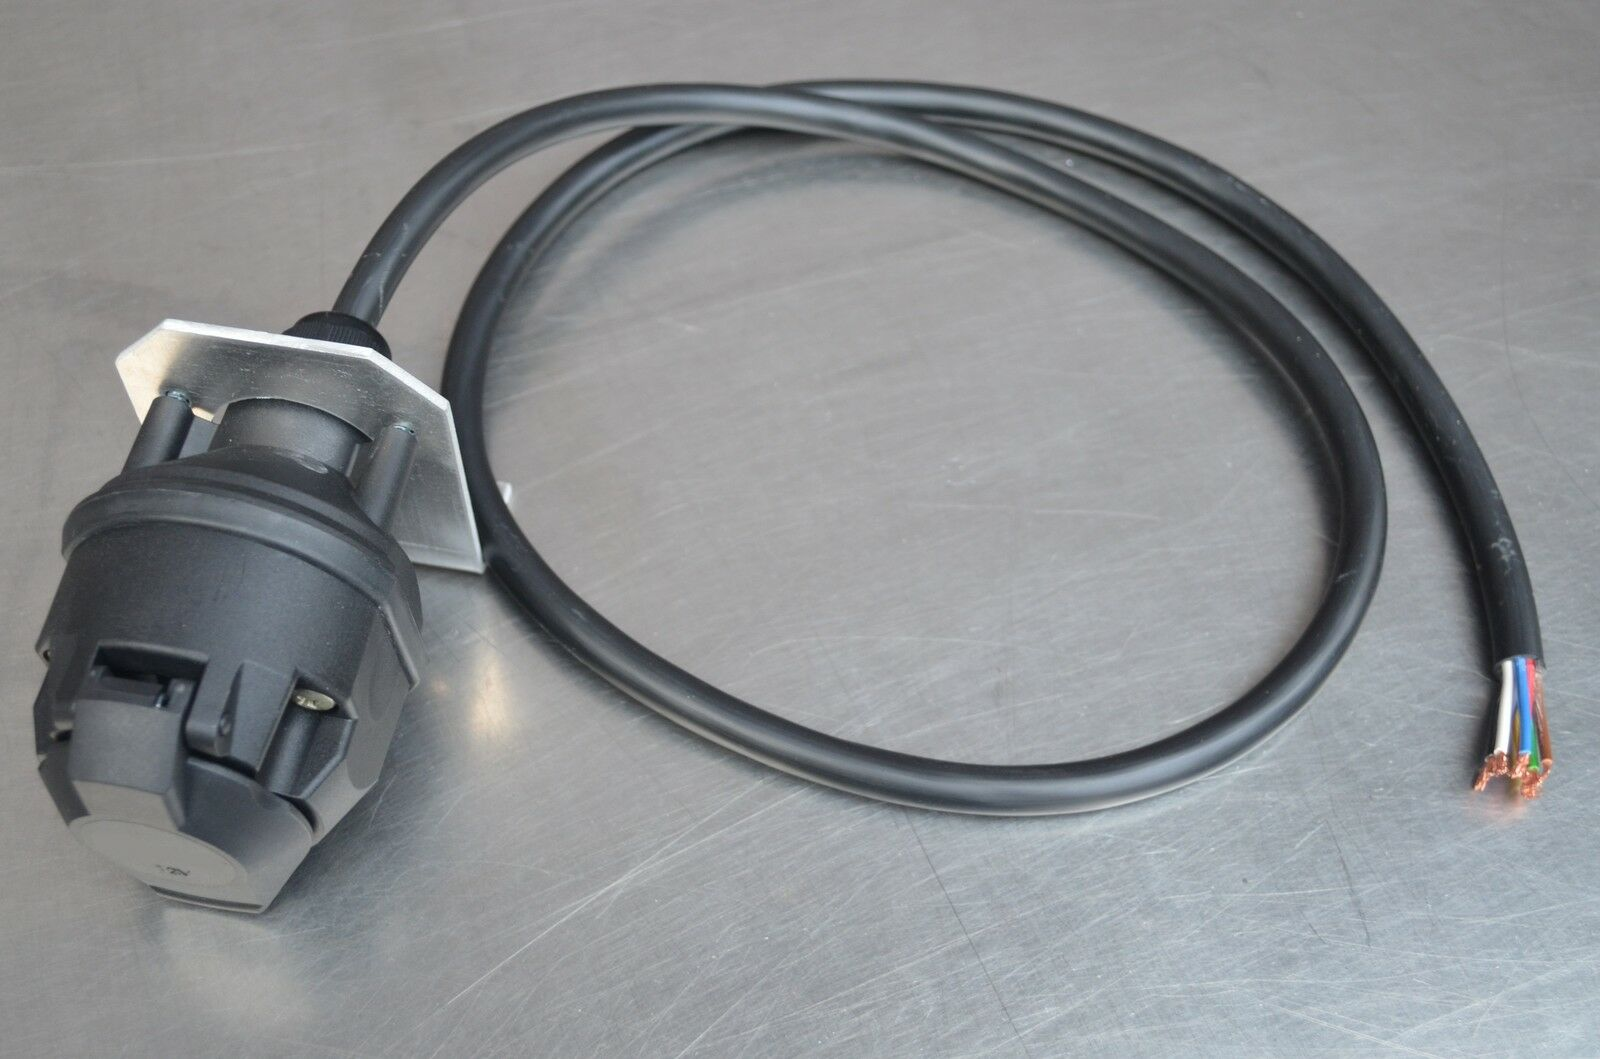 Spannungswandler Adapter Spannungsreduzierer Festeinbau Lkw 24V 12V Anhänger LED